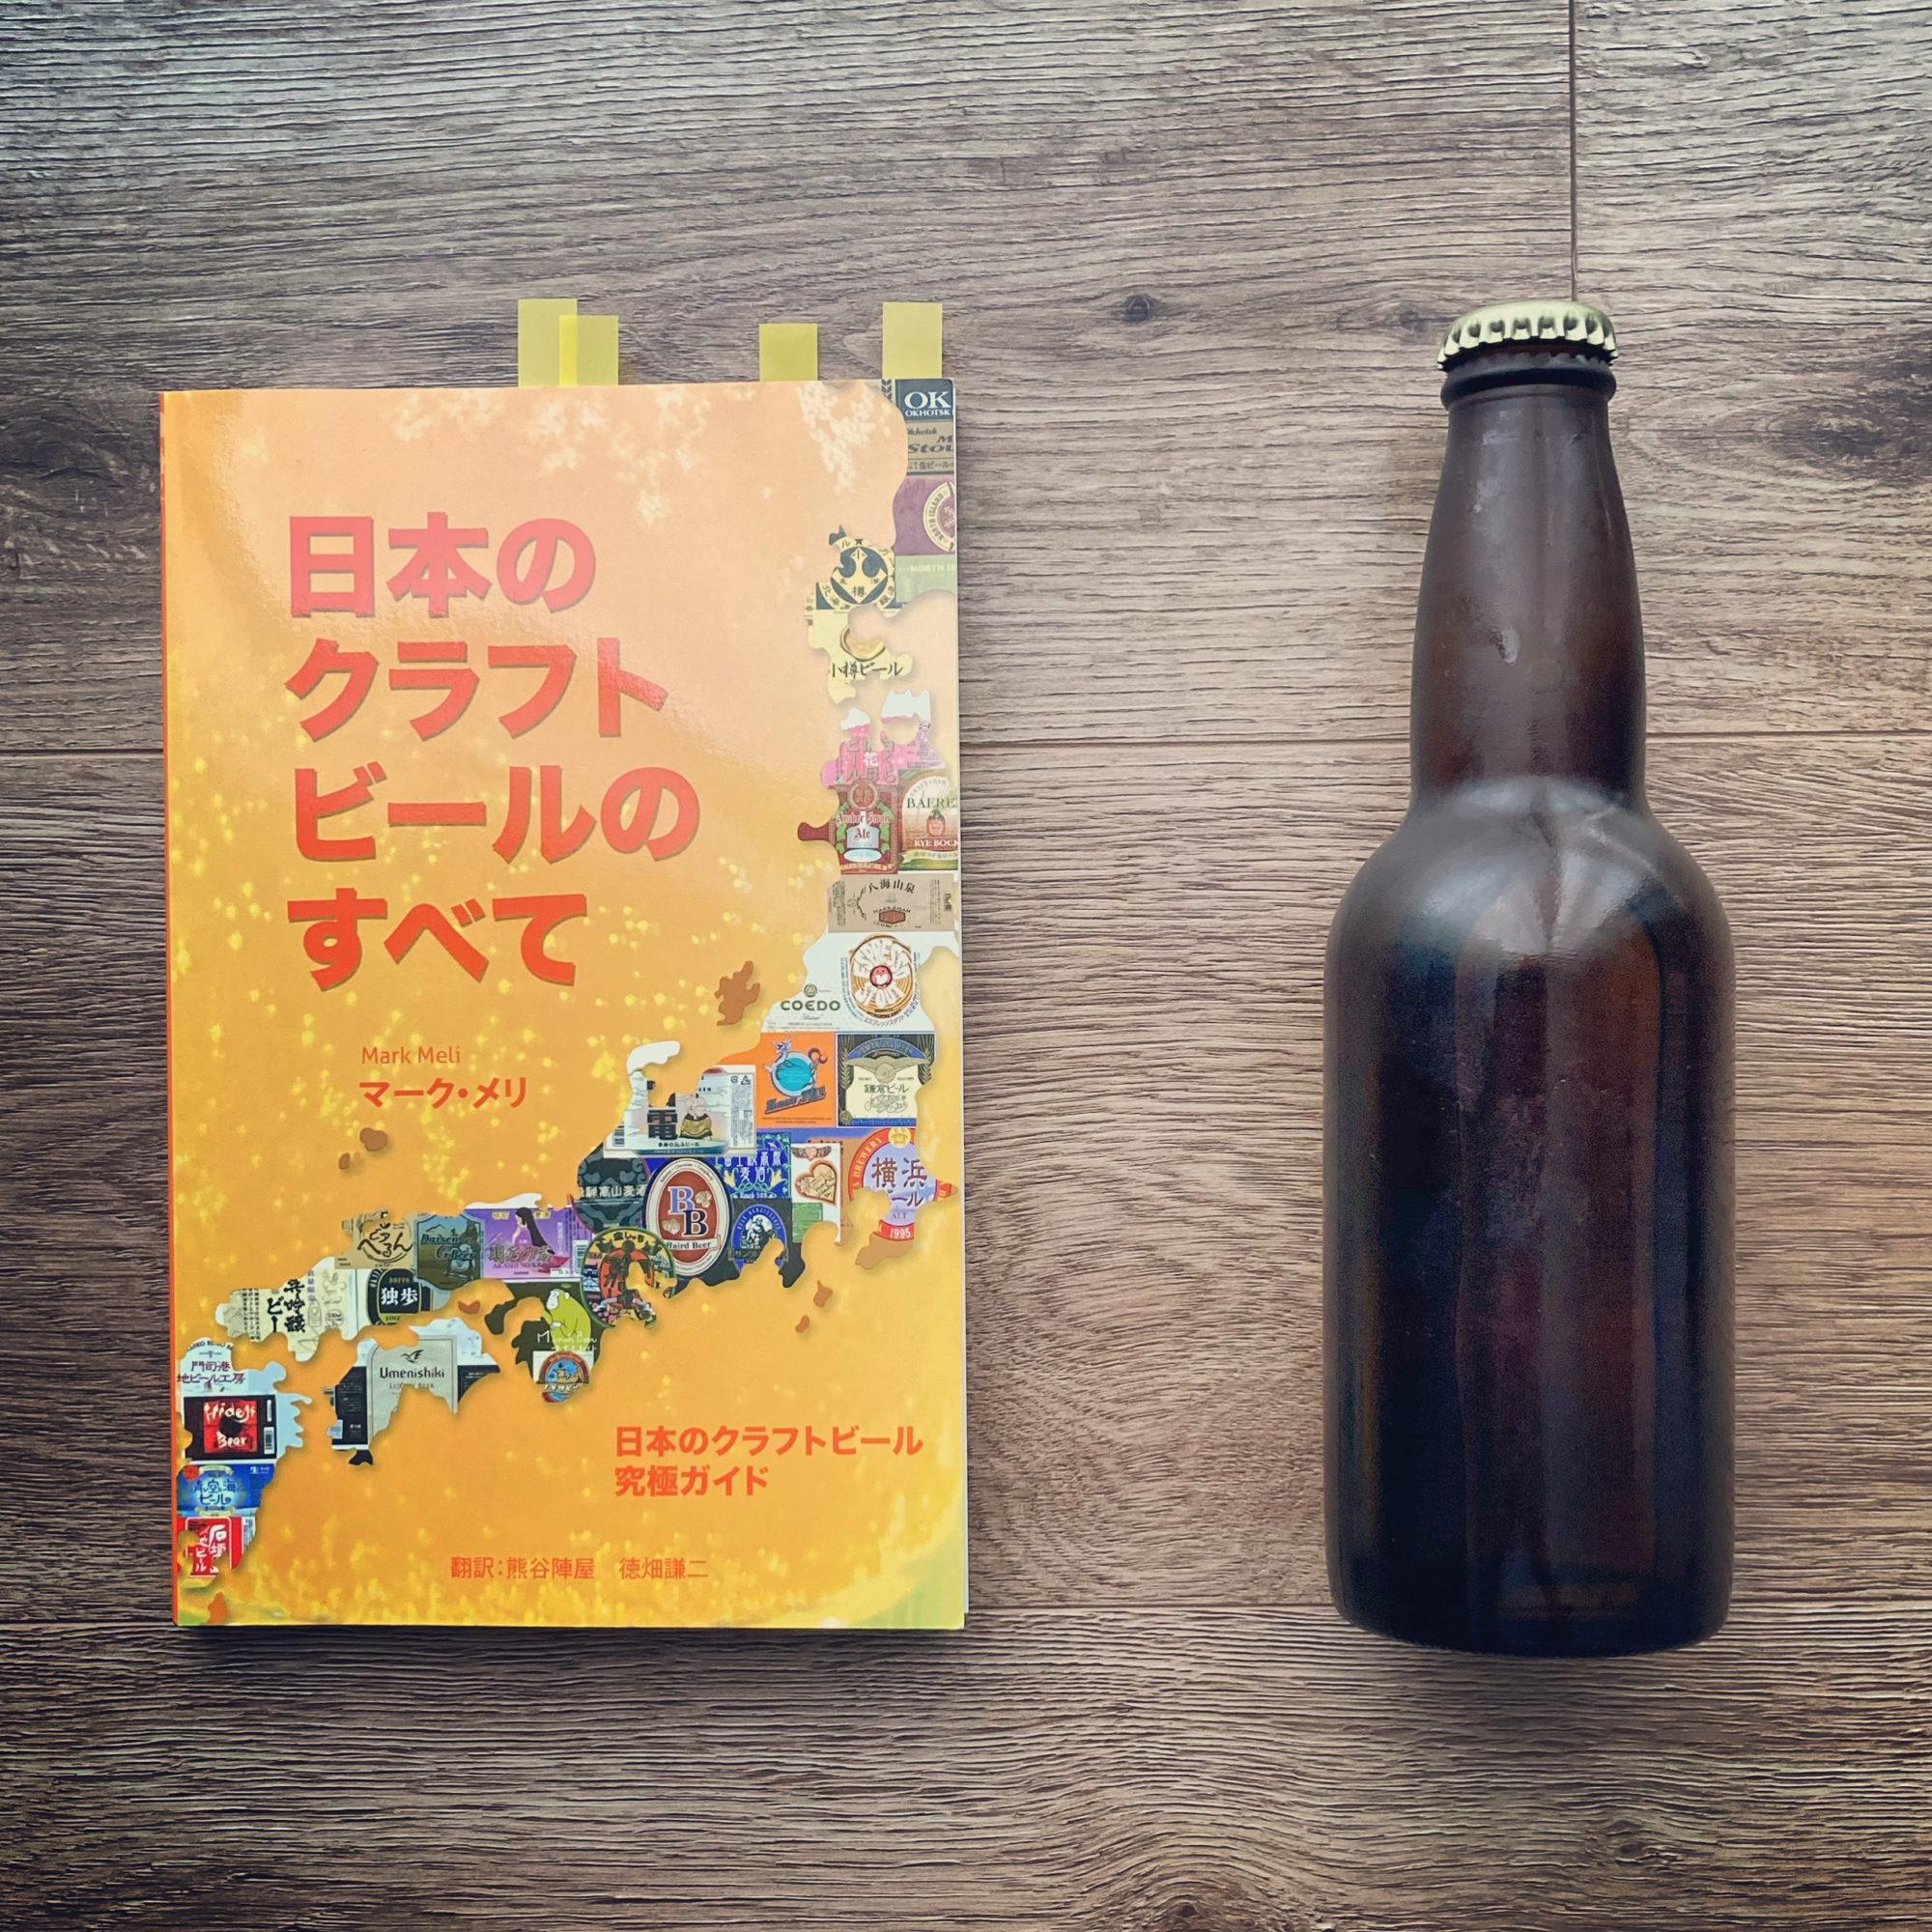 日本のクラフトビールのすべて という書籍の写真